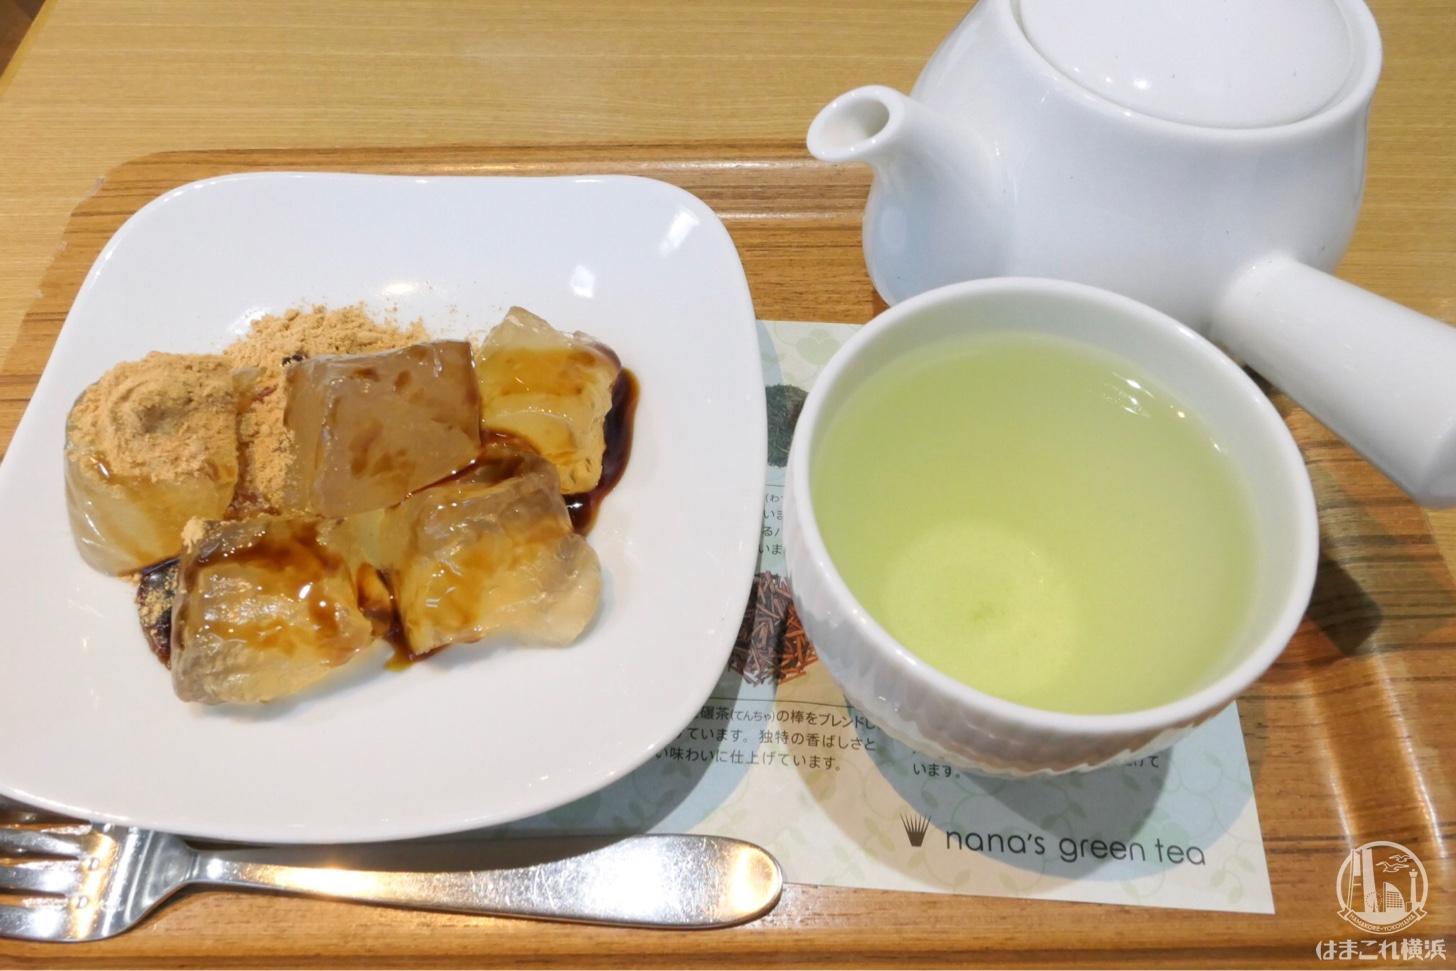 宇治抹茶とわらび餅